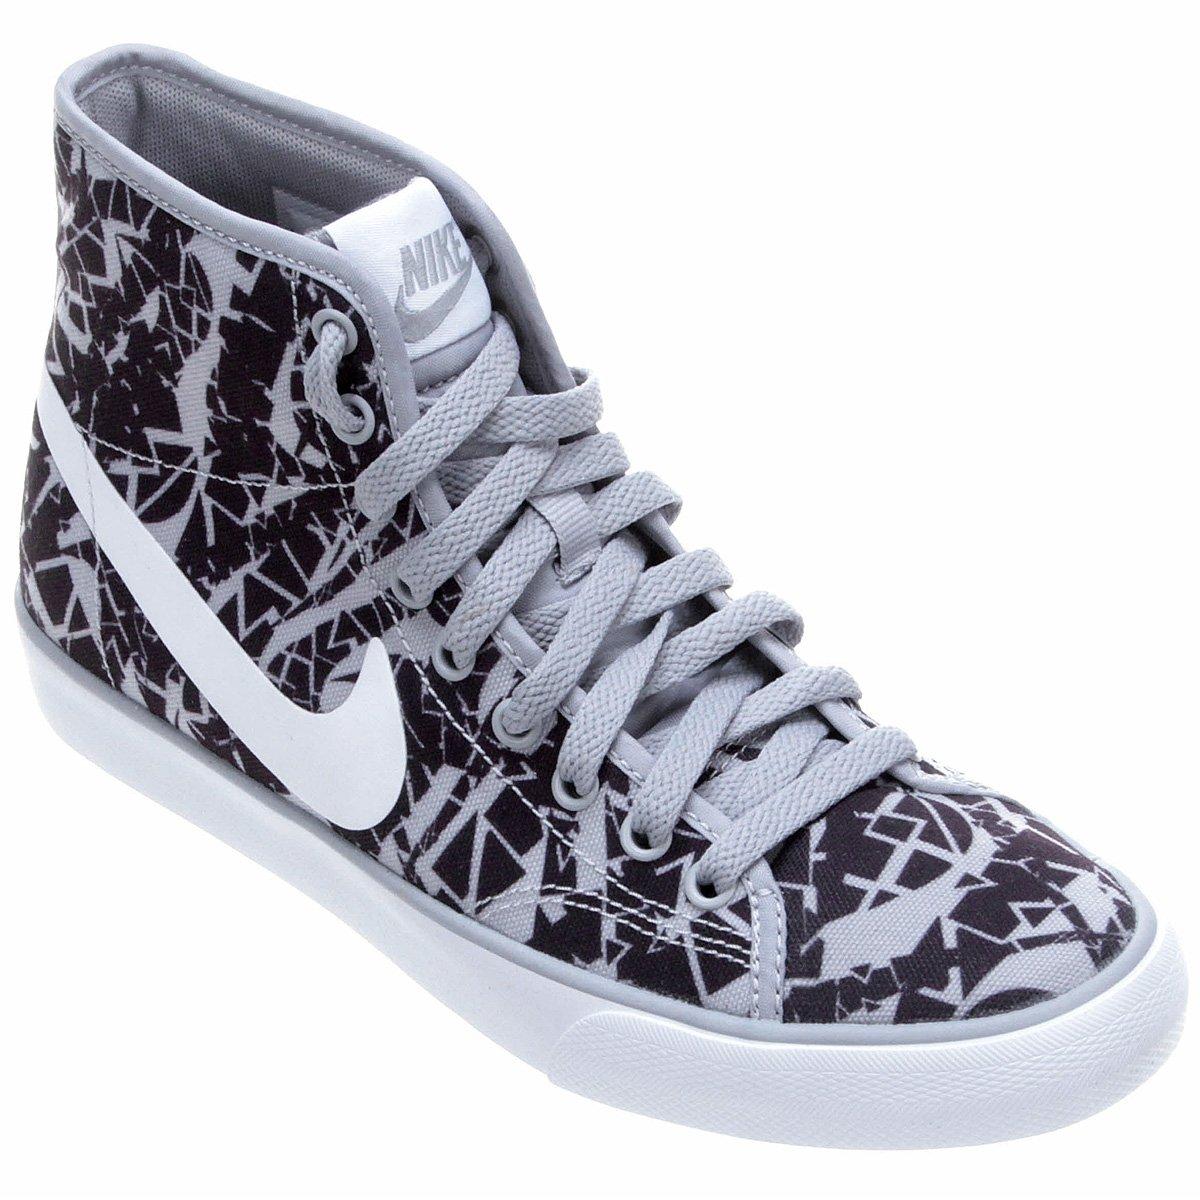 Tênis Nike Primo Court Mid Cvs Print - Compre Agora  436f8b6889736